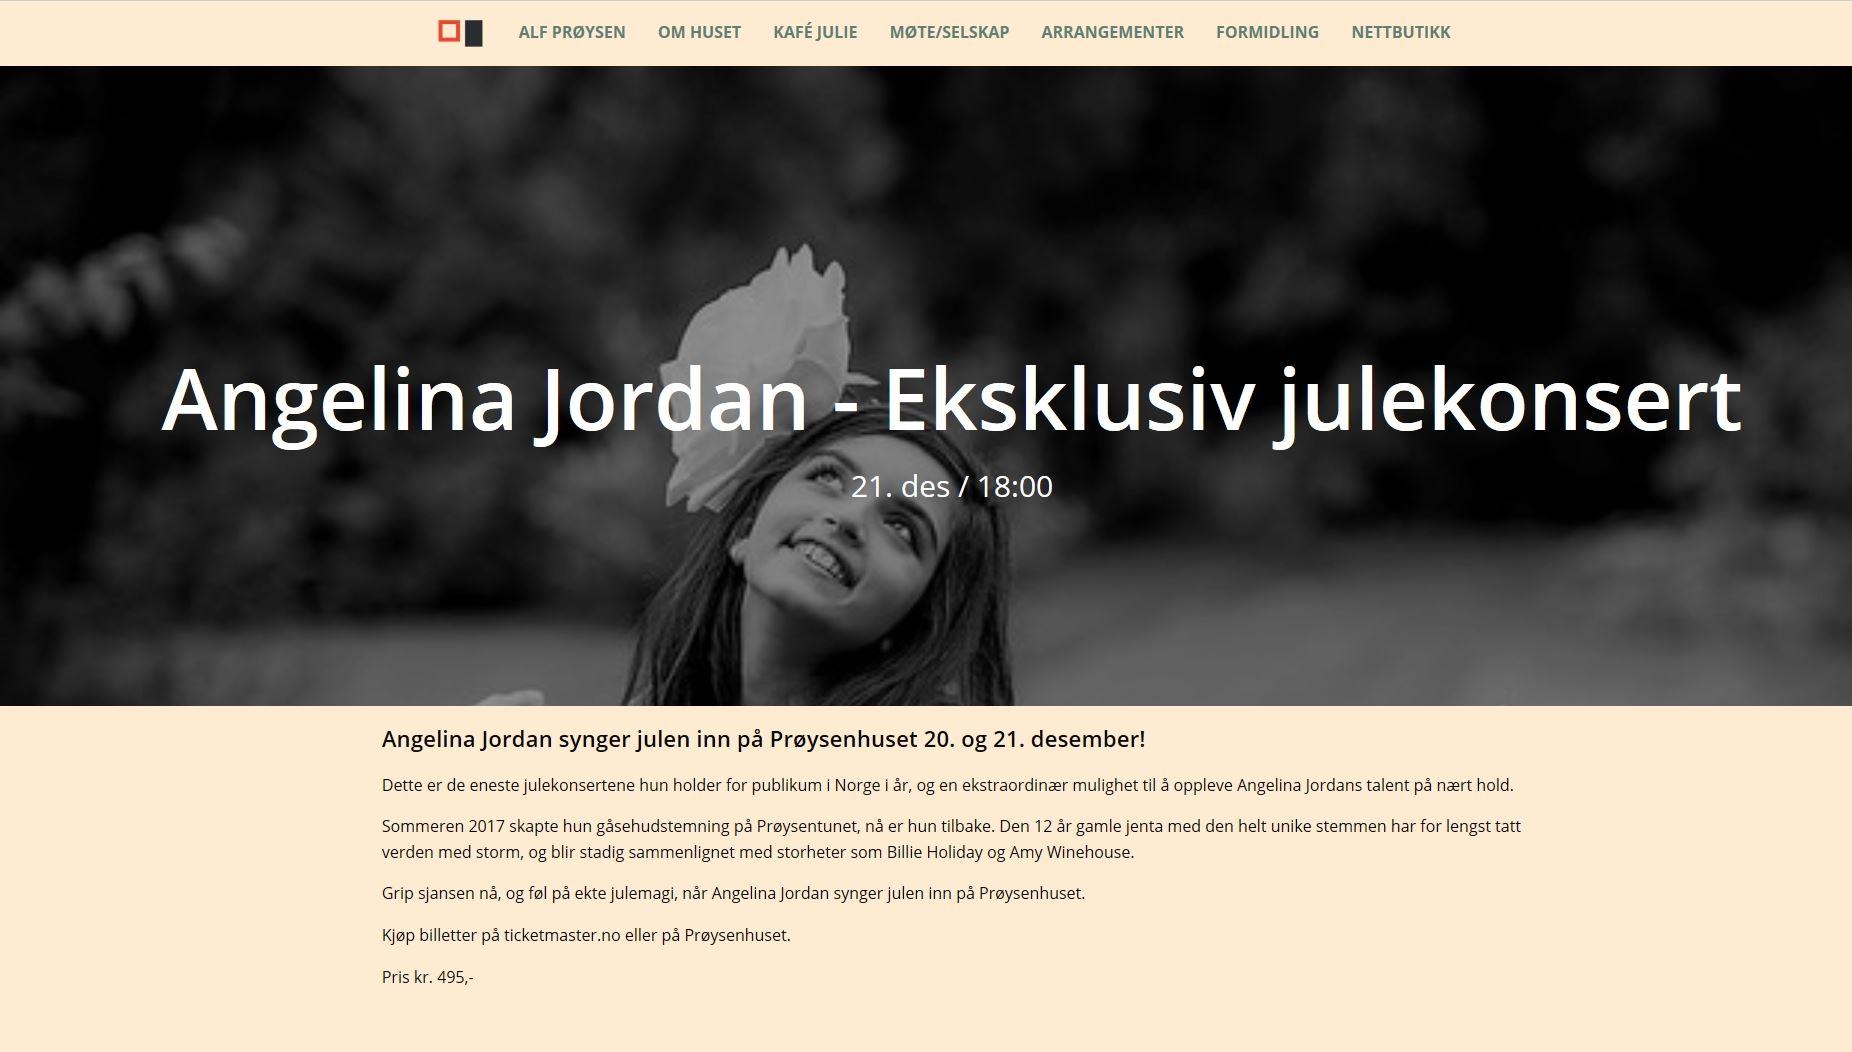 Angelina Jordan synger julen inn på Prøysenhuset